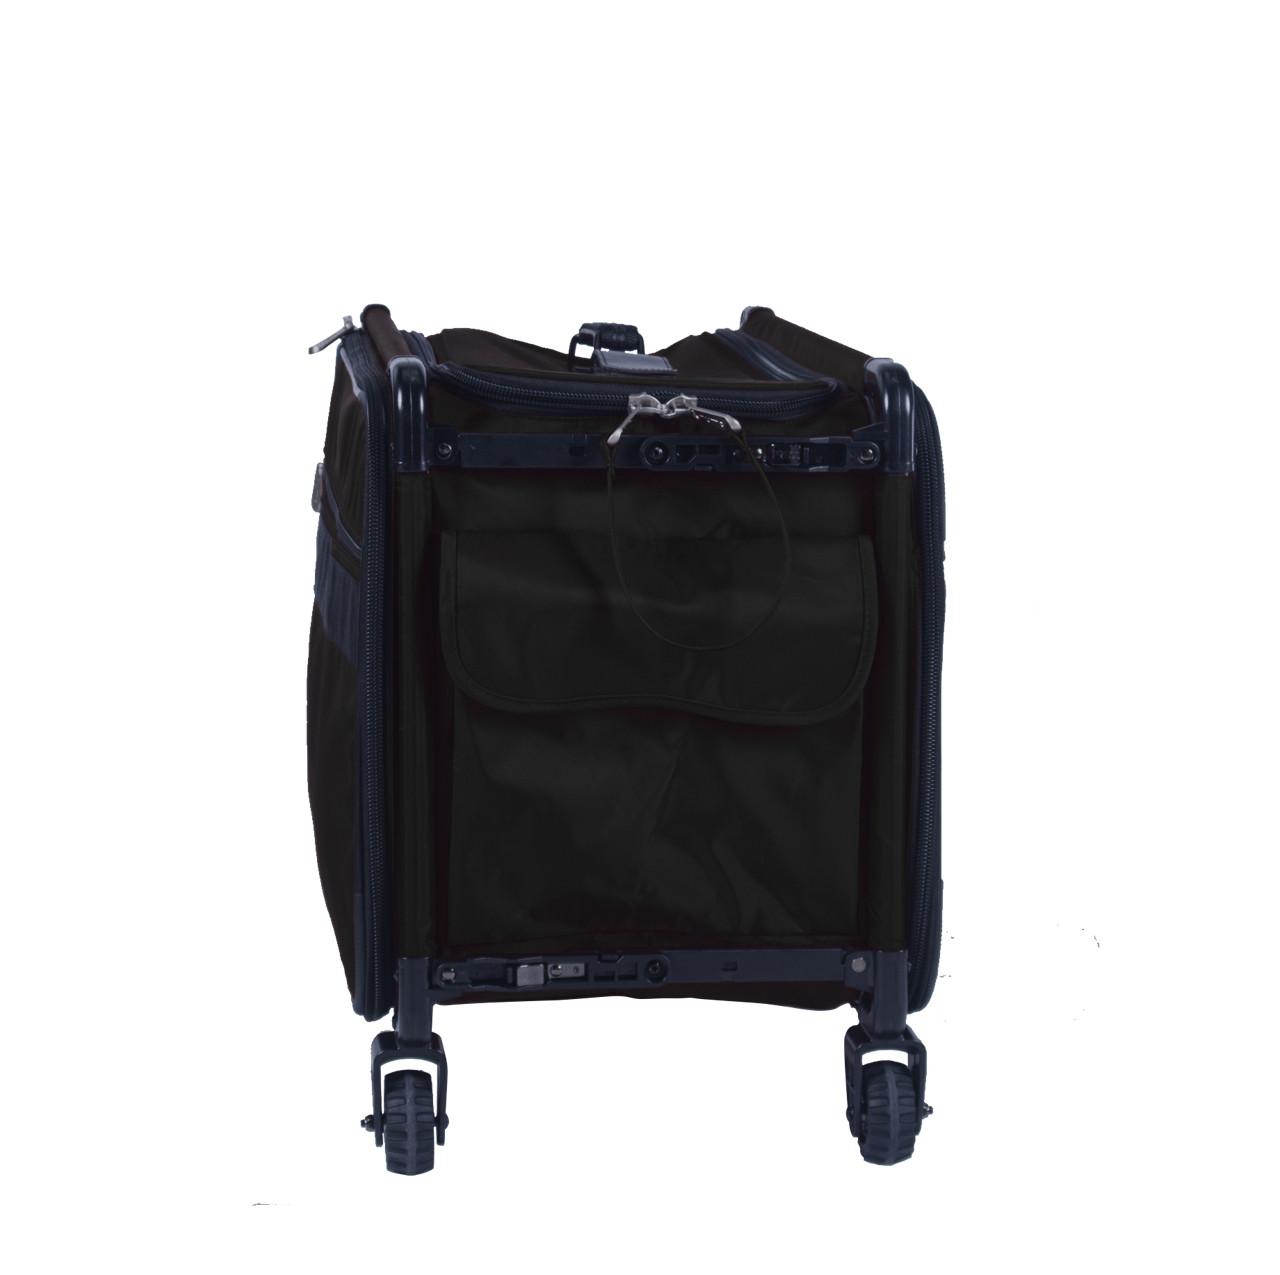 Side pockets for storage